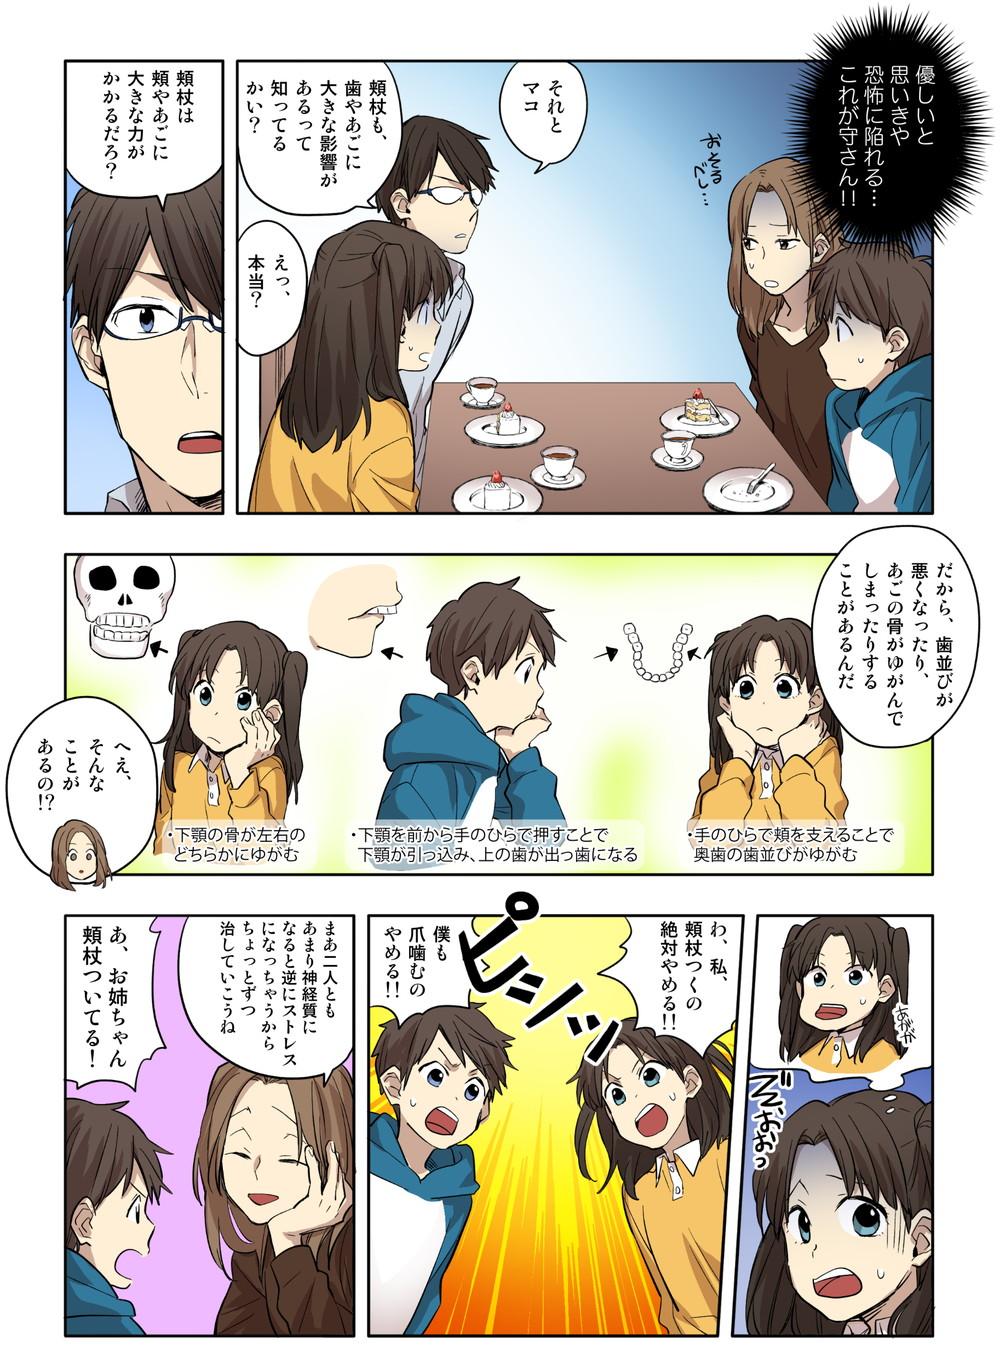 comic11_03